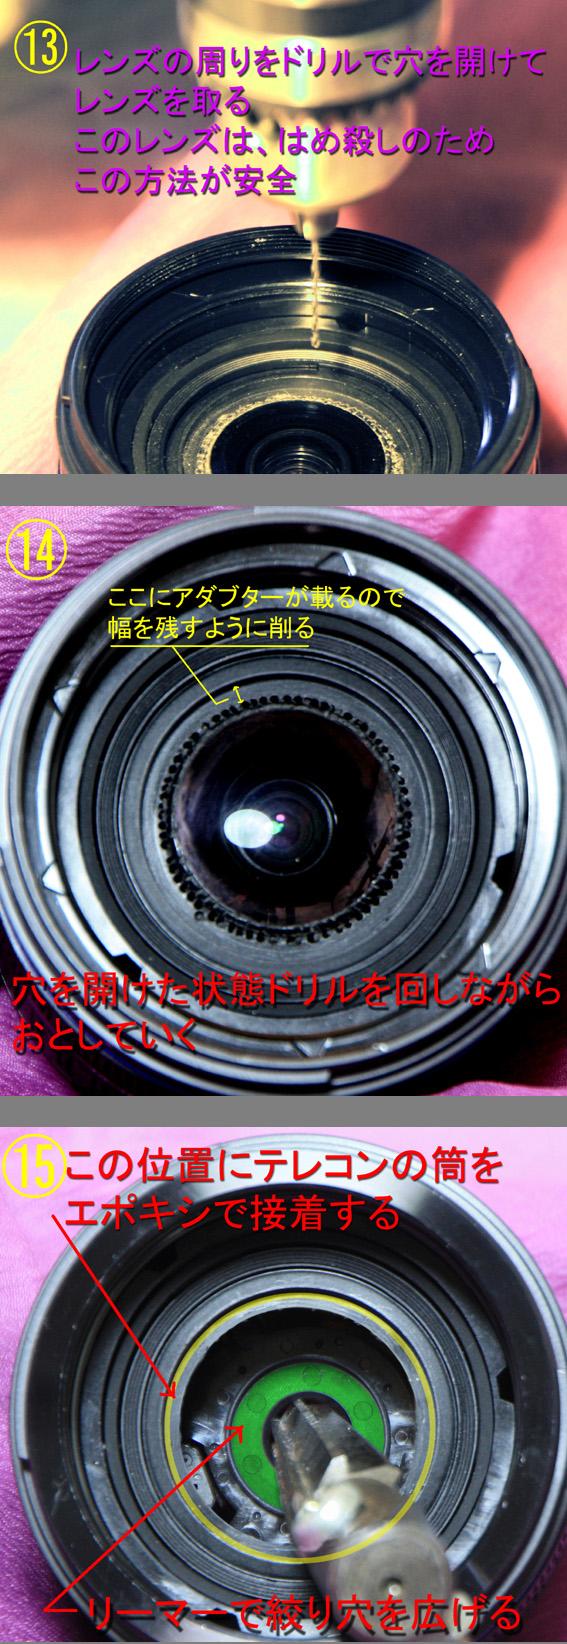 BORG ボーグ 1.4AF G1 オリンパスベース14-42玉抜き_f0215767_1632122.jpg